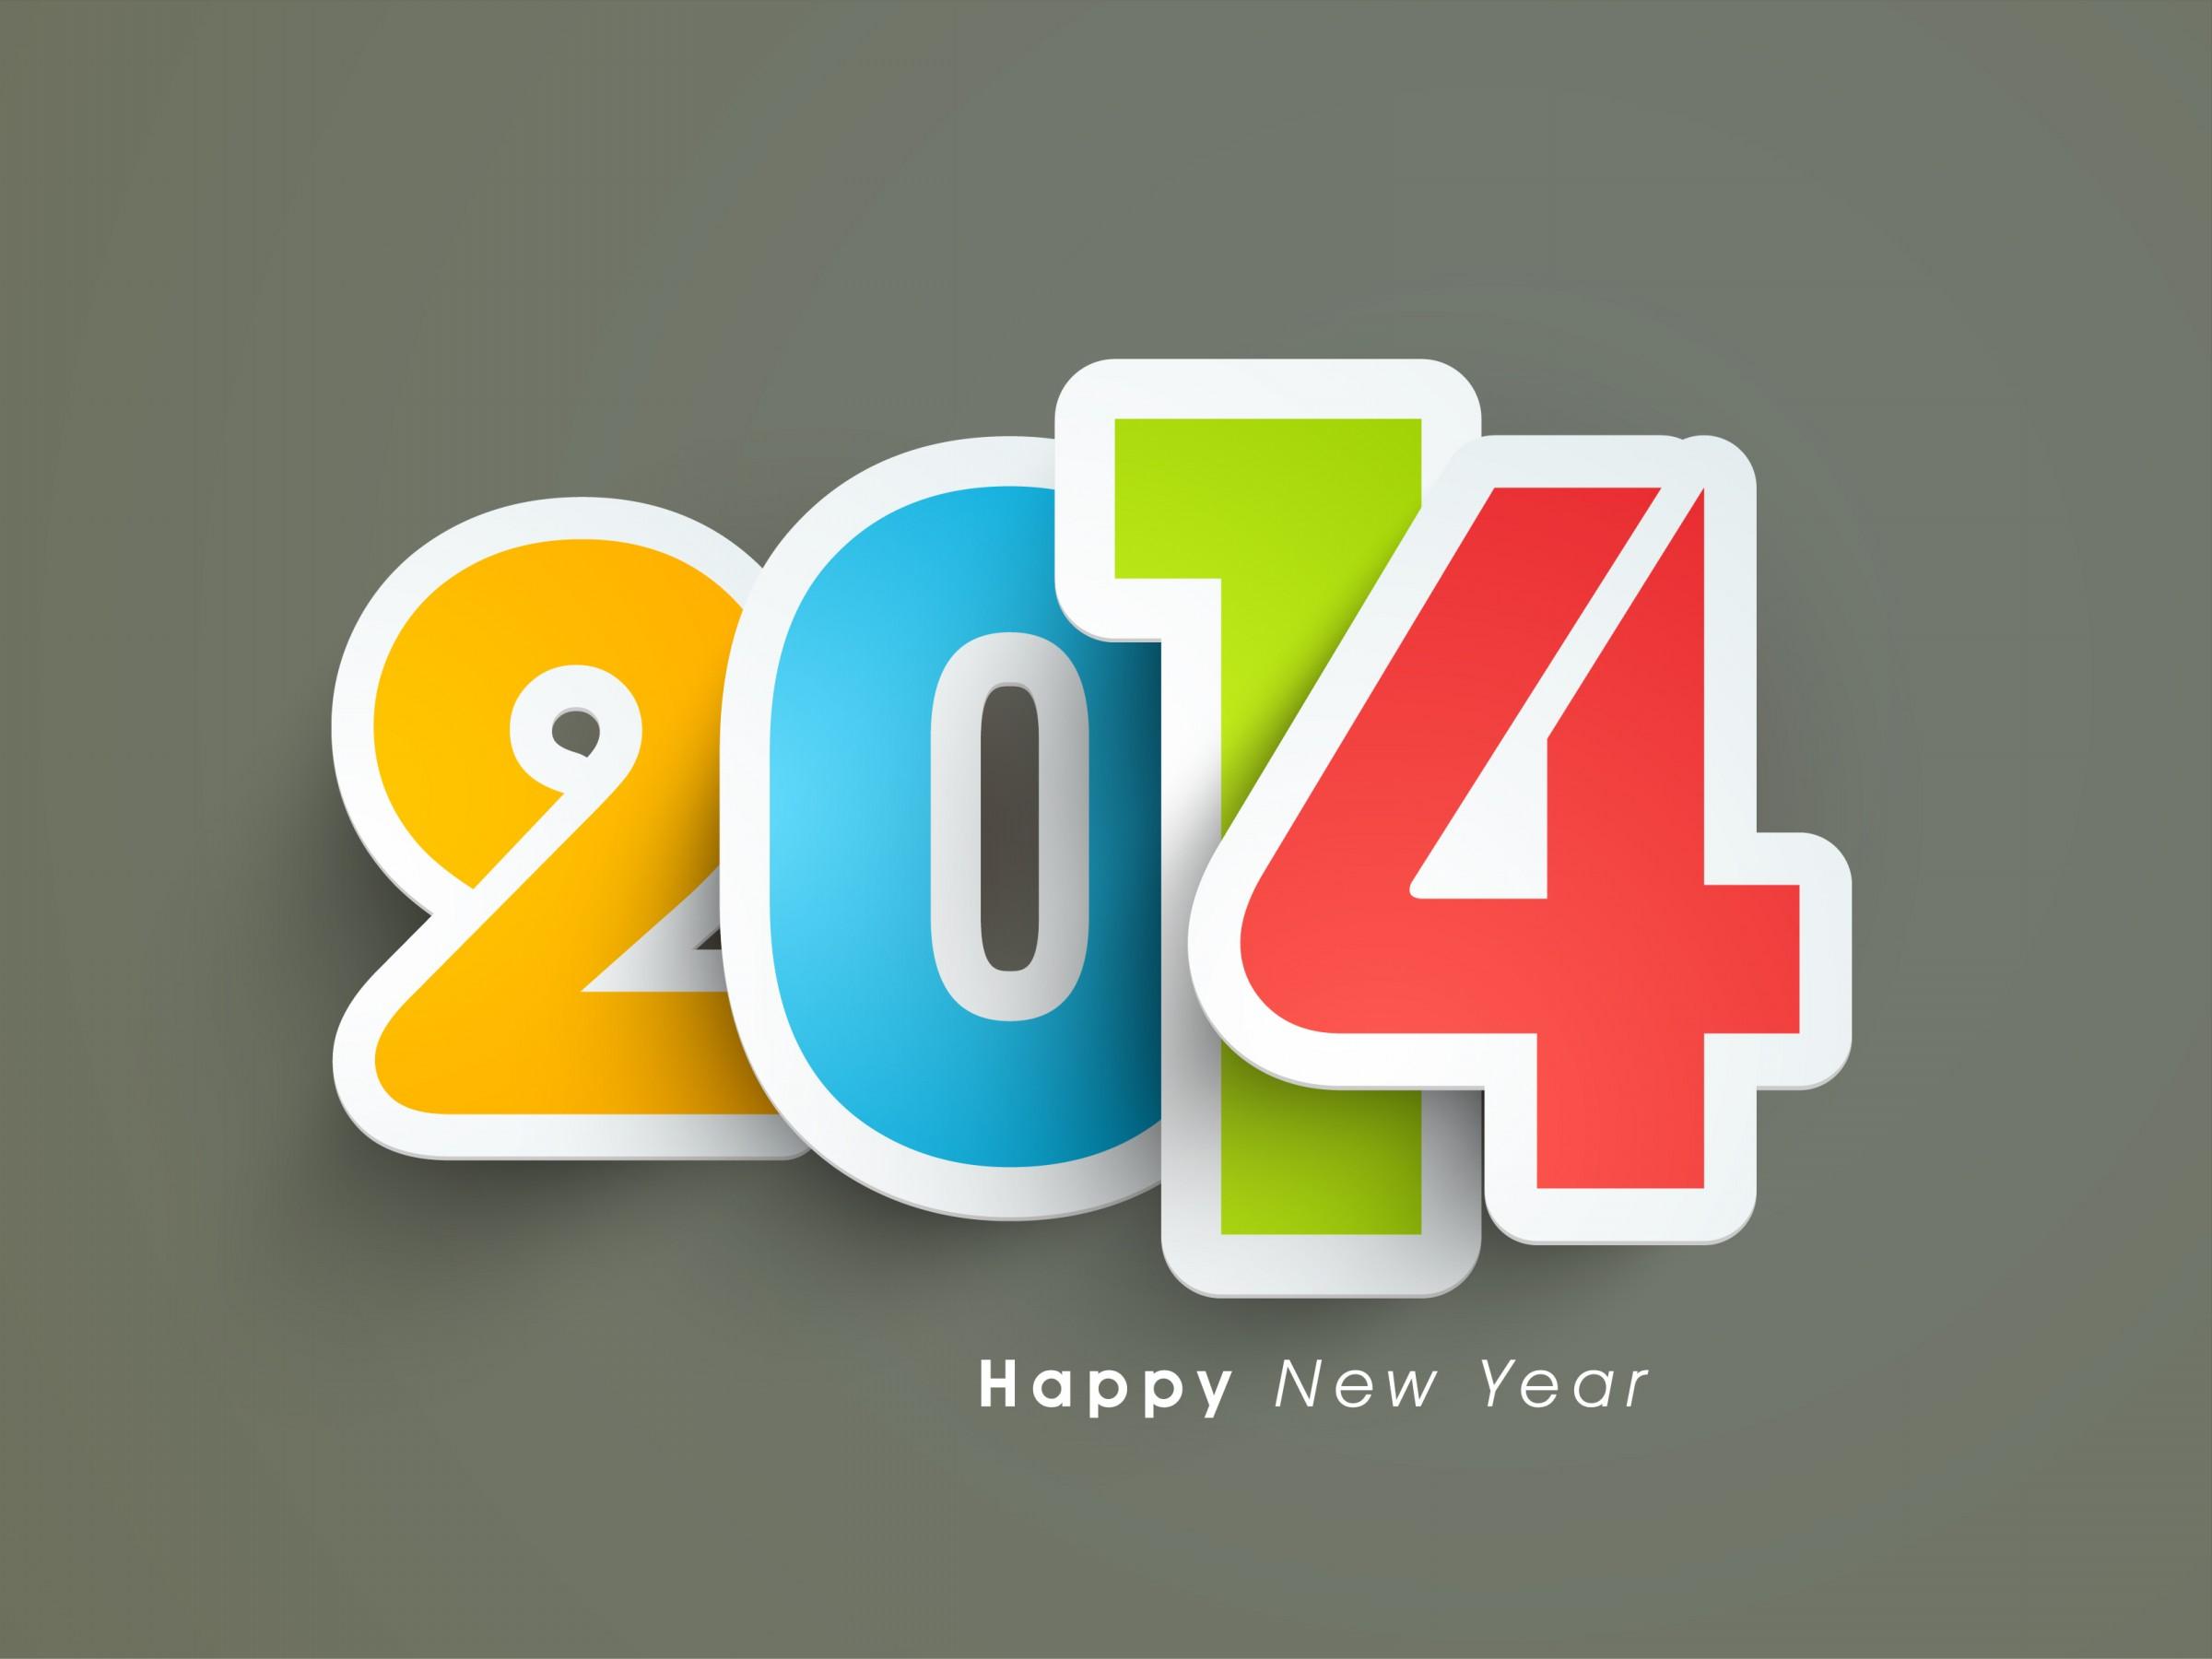 2014 Happy-10